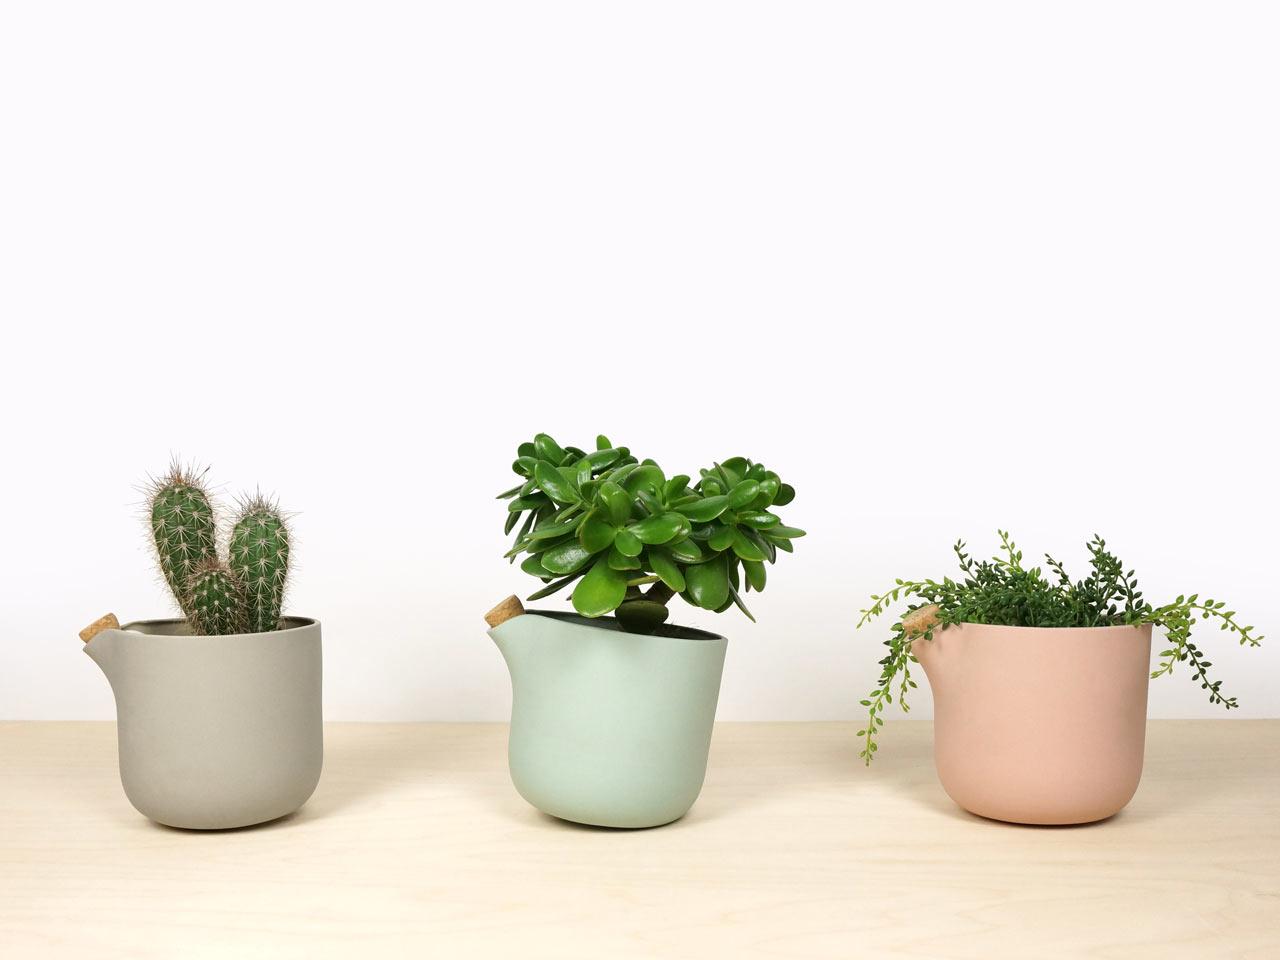 02-com-este-vaso-voce-so-precisa-regar-as-plantas-uma-vez-por-mes